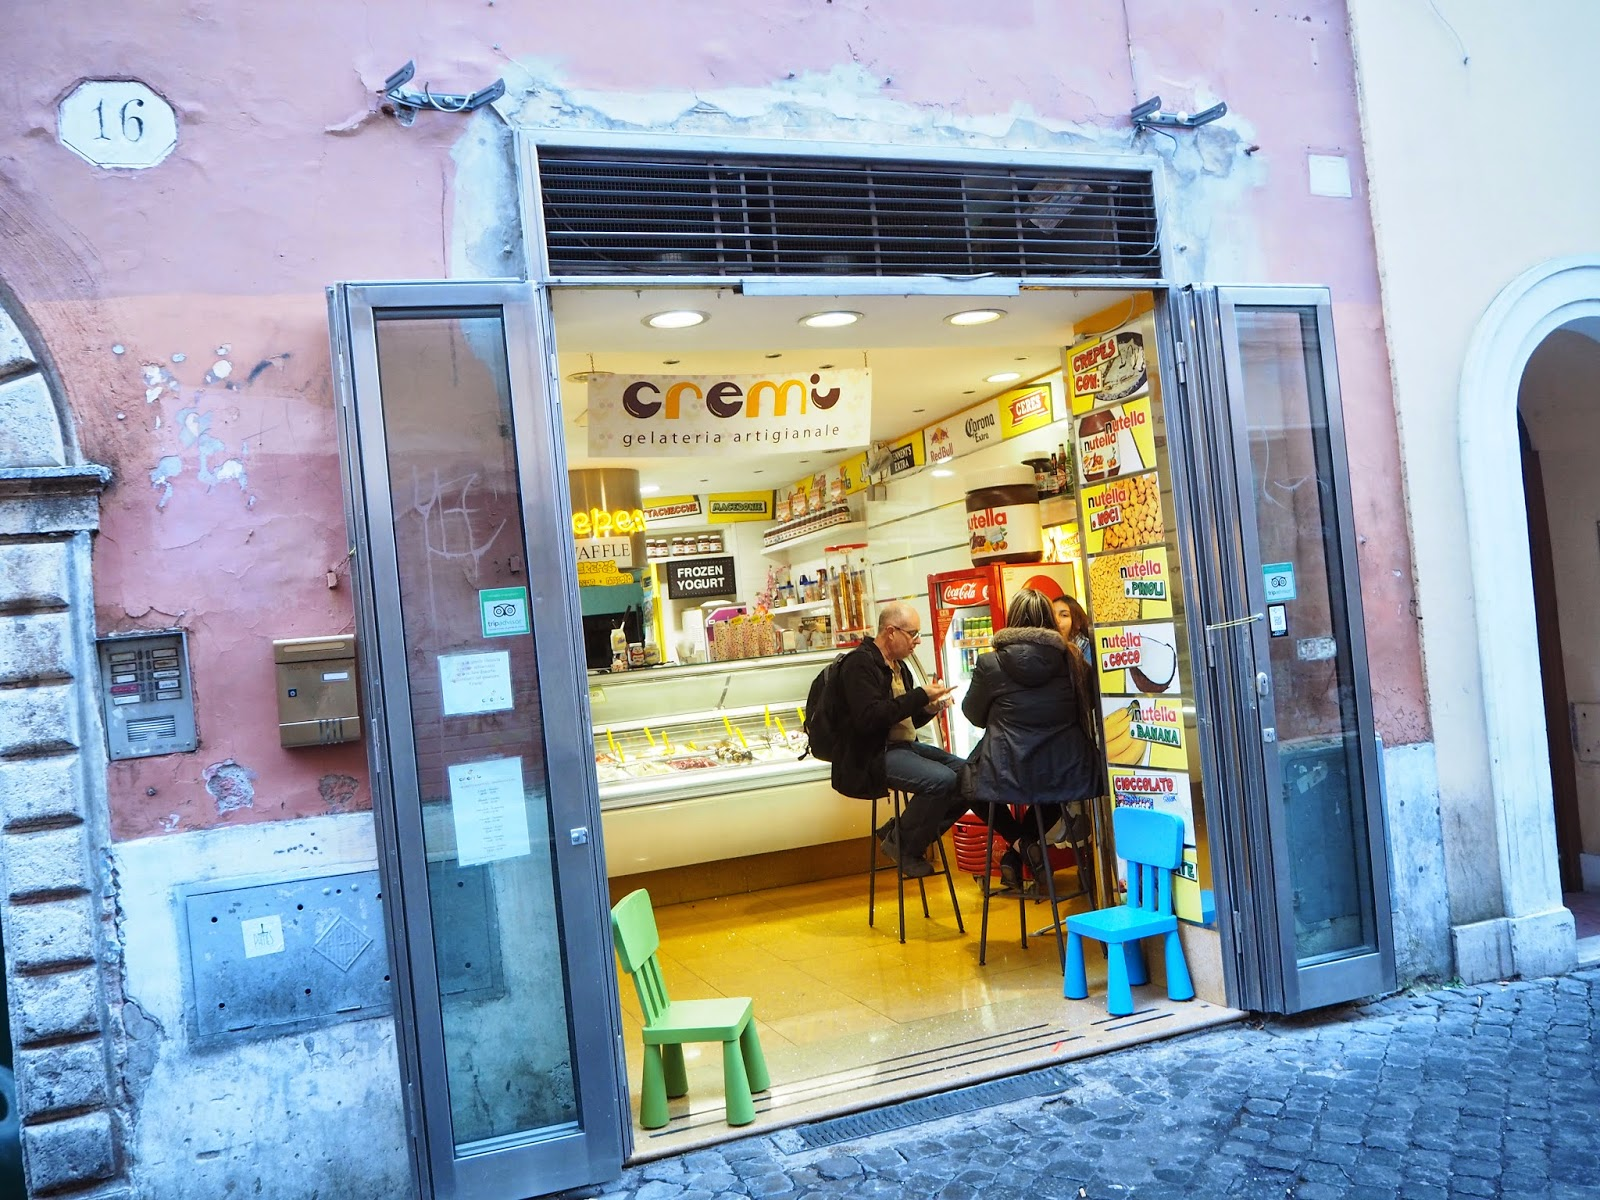 ice cream shop, jäätelöbaari, jäätelökioski, rooma, rome, roma, italia, italy, trastevere, gelato, ice cream, jäätelö.